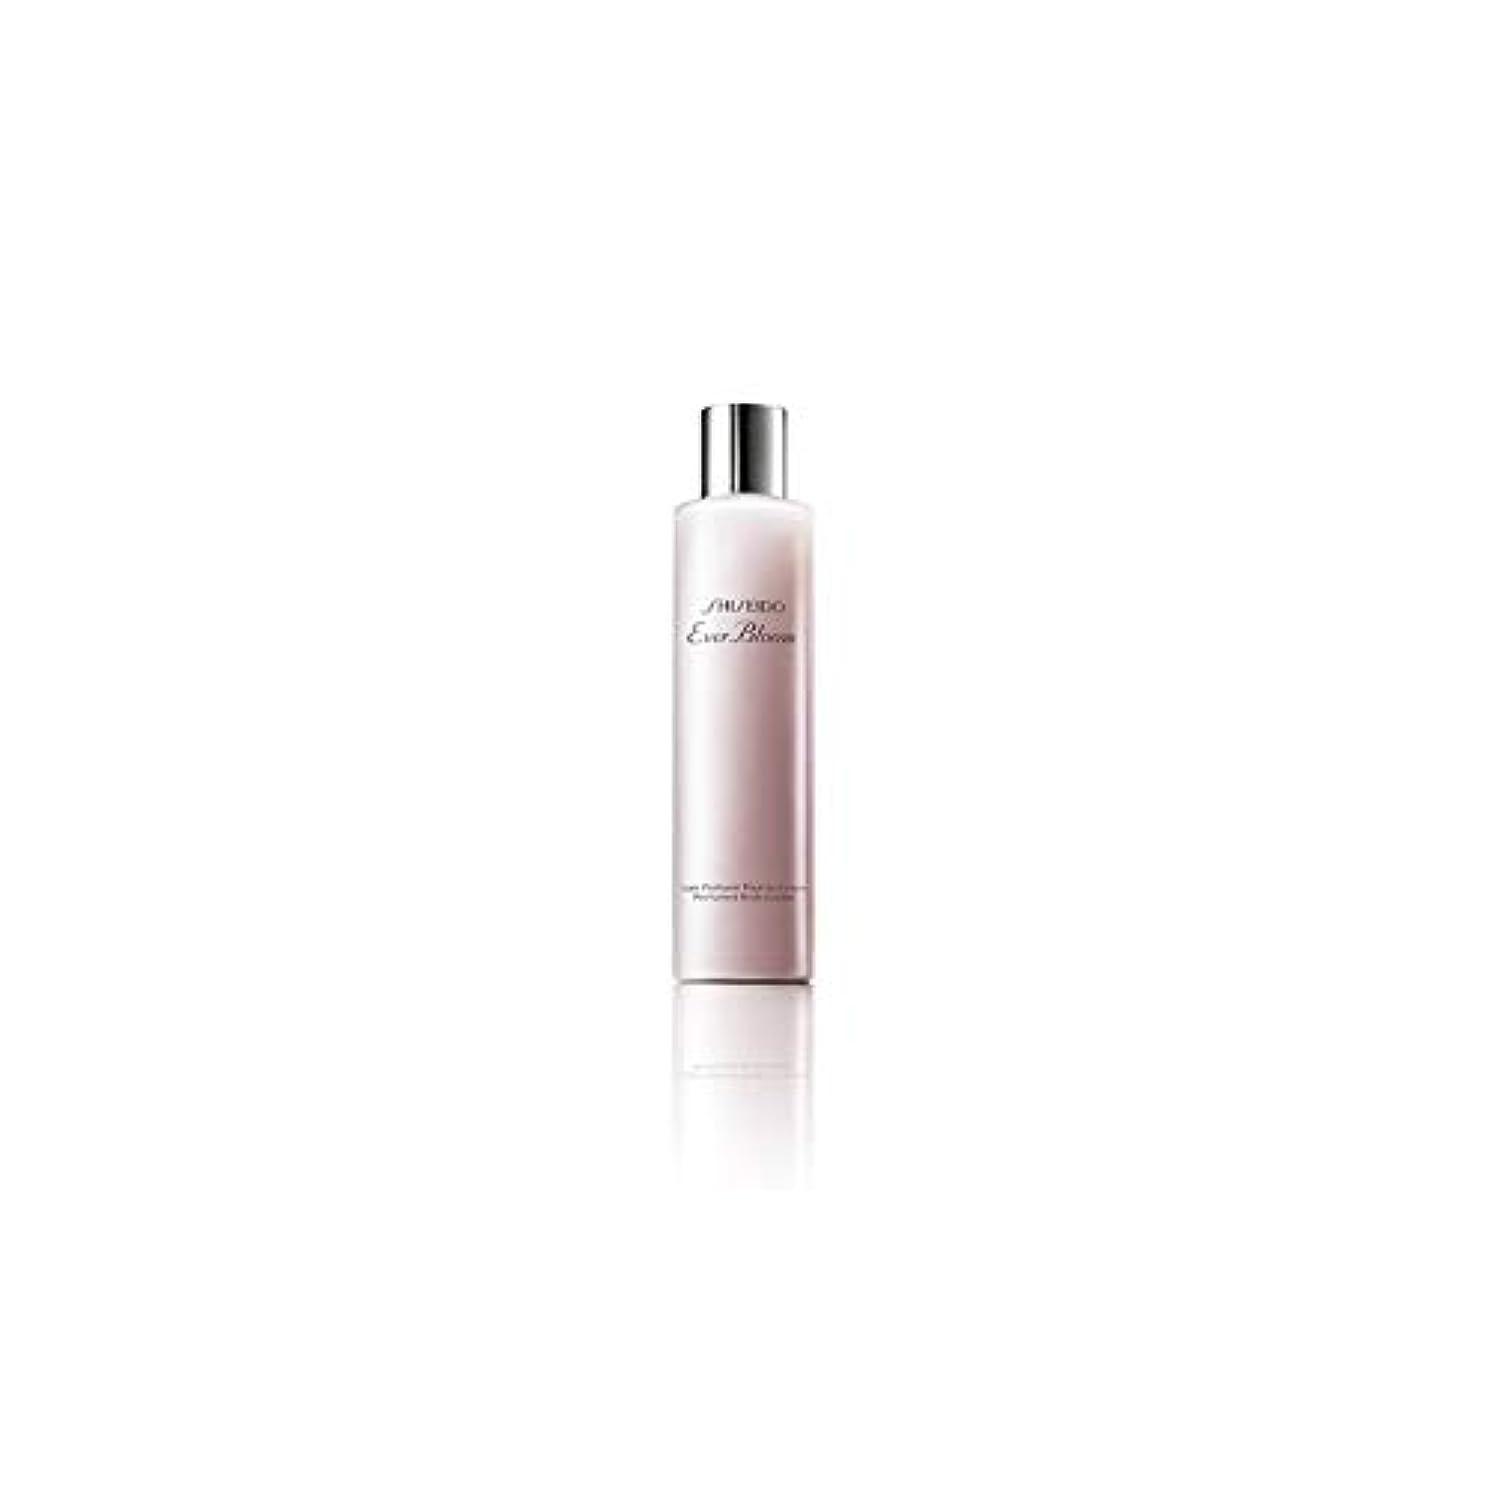 幹入手しますうぬぼれた[Shiseido] 資生堂これまでブルームボディローション(30ミリリットル) - Shiseido Ever Bloom Body Lotion (30ml) [並行輸入品]